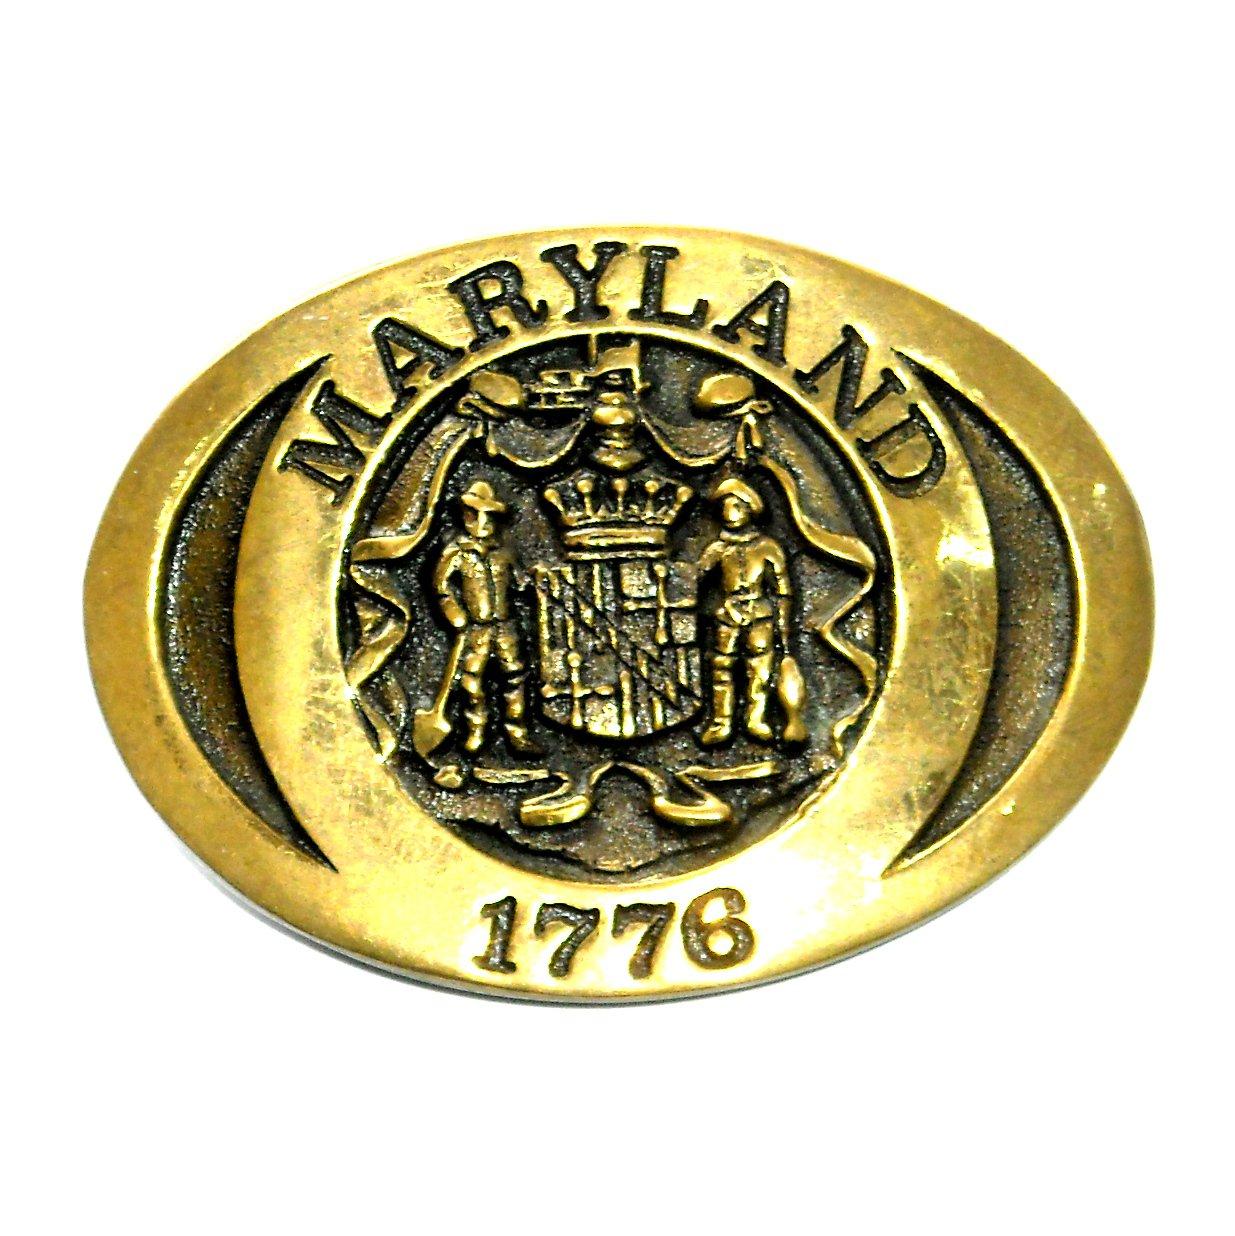 Maryland State Seal Heritage Solid Brass Vintage Belt Buckle